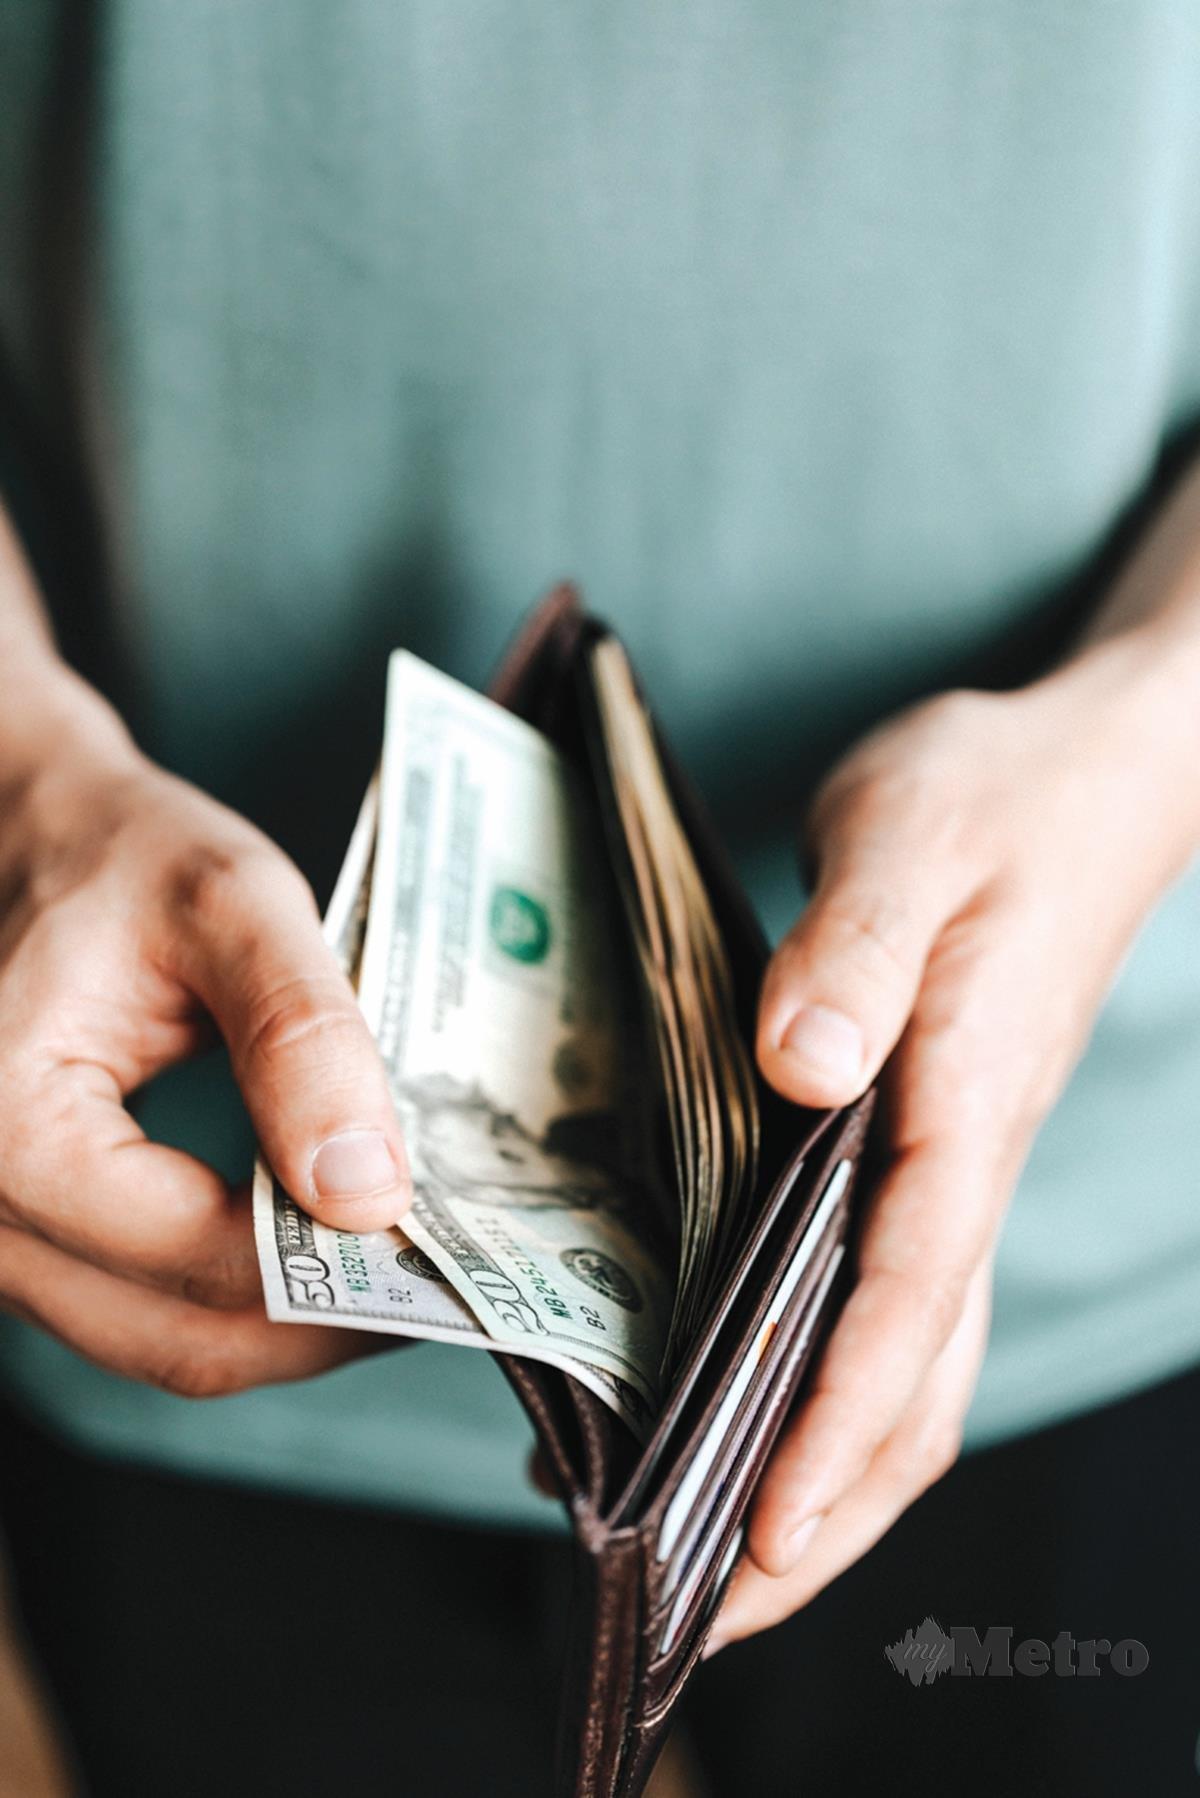 PEMBELI berdepan risiko rugi kerana tiada jaminan untuk mendapatkan semula wang.